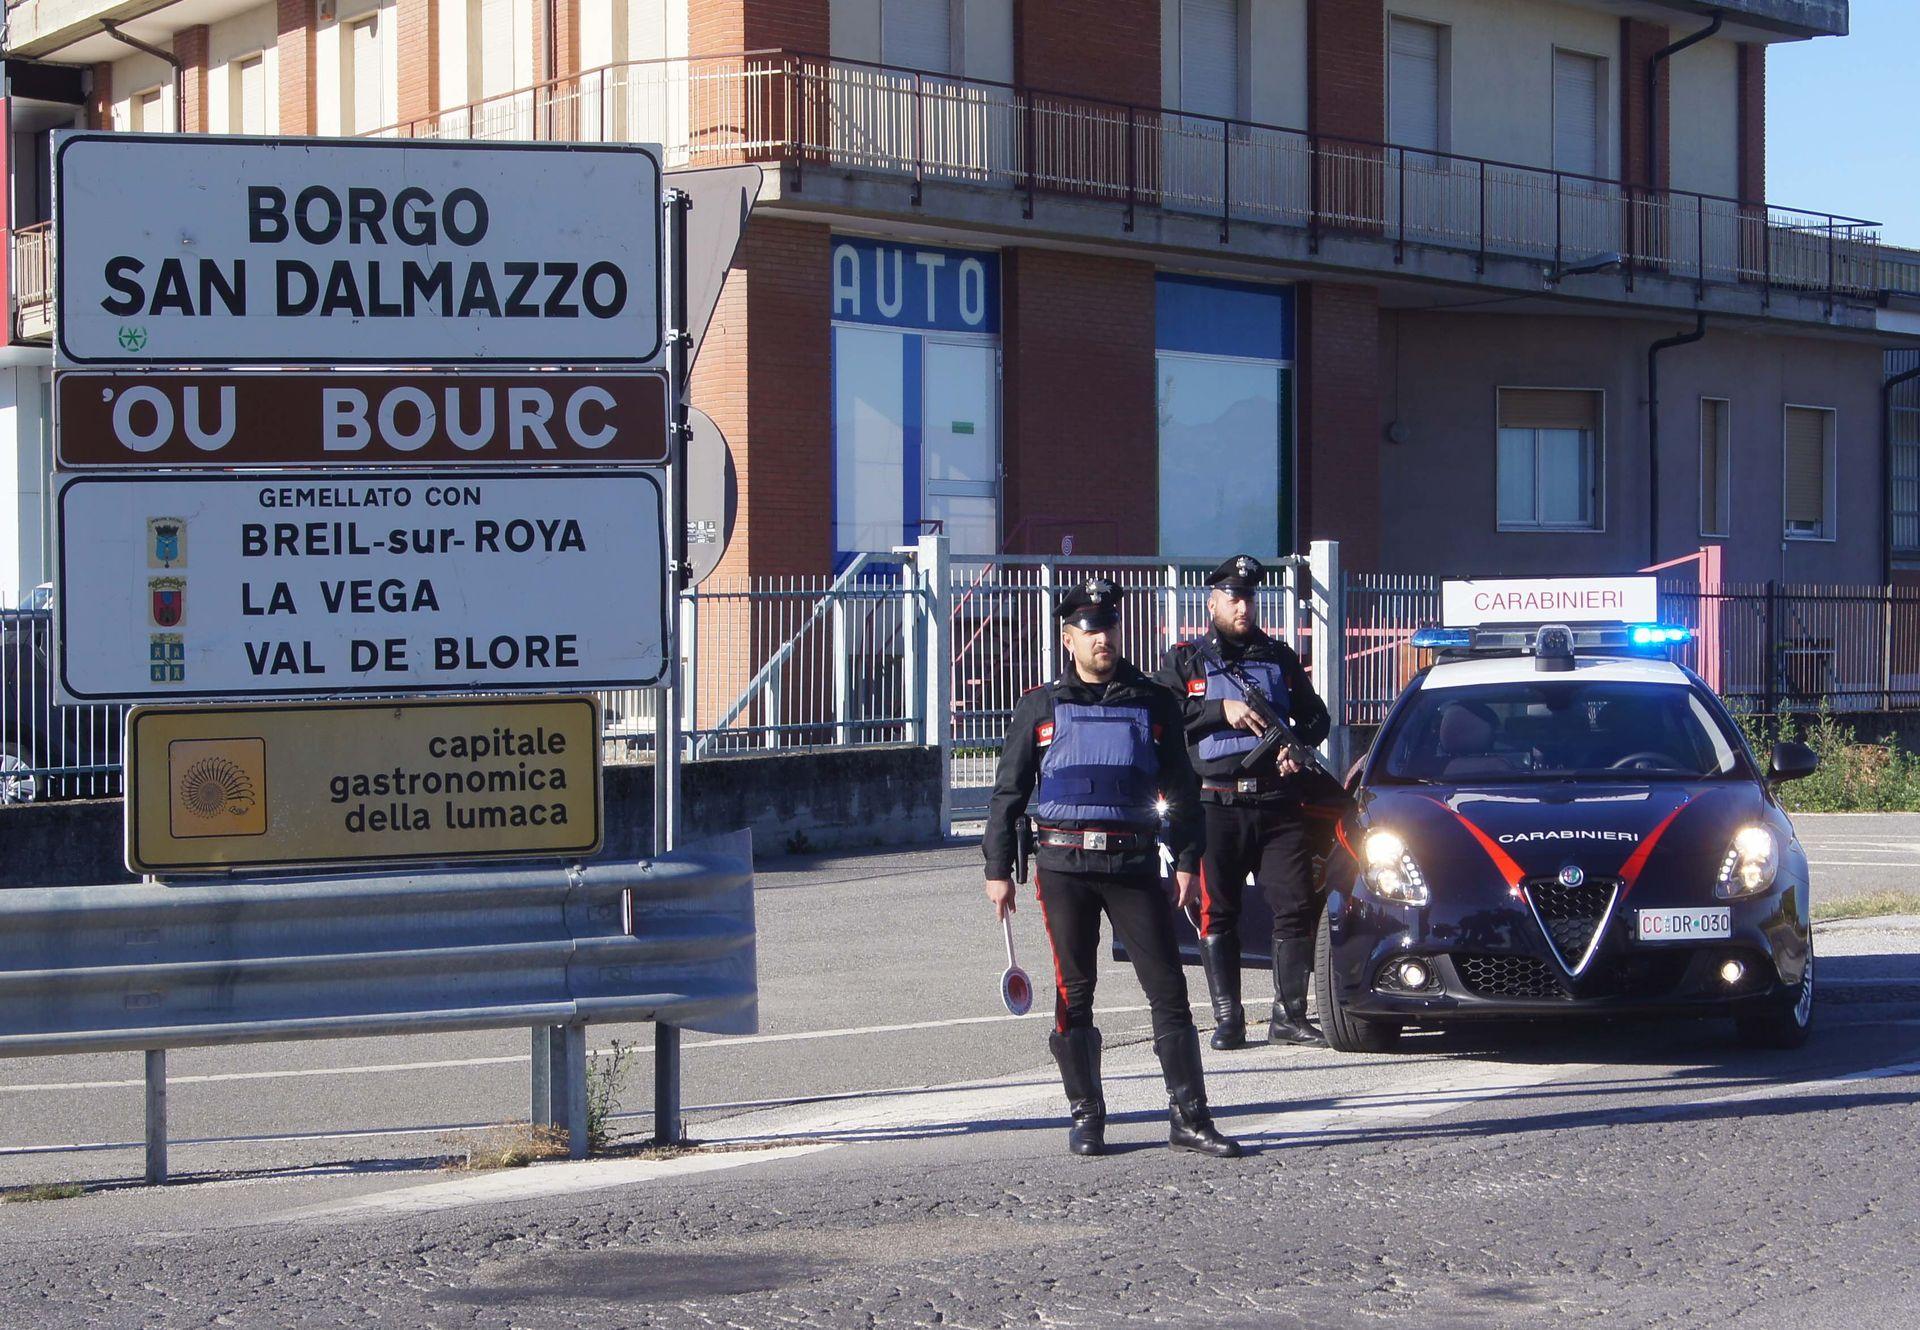 La Guida - Borgo San Dalmazzo, denunce per alcool e droga